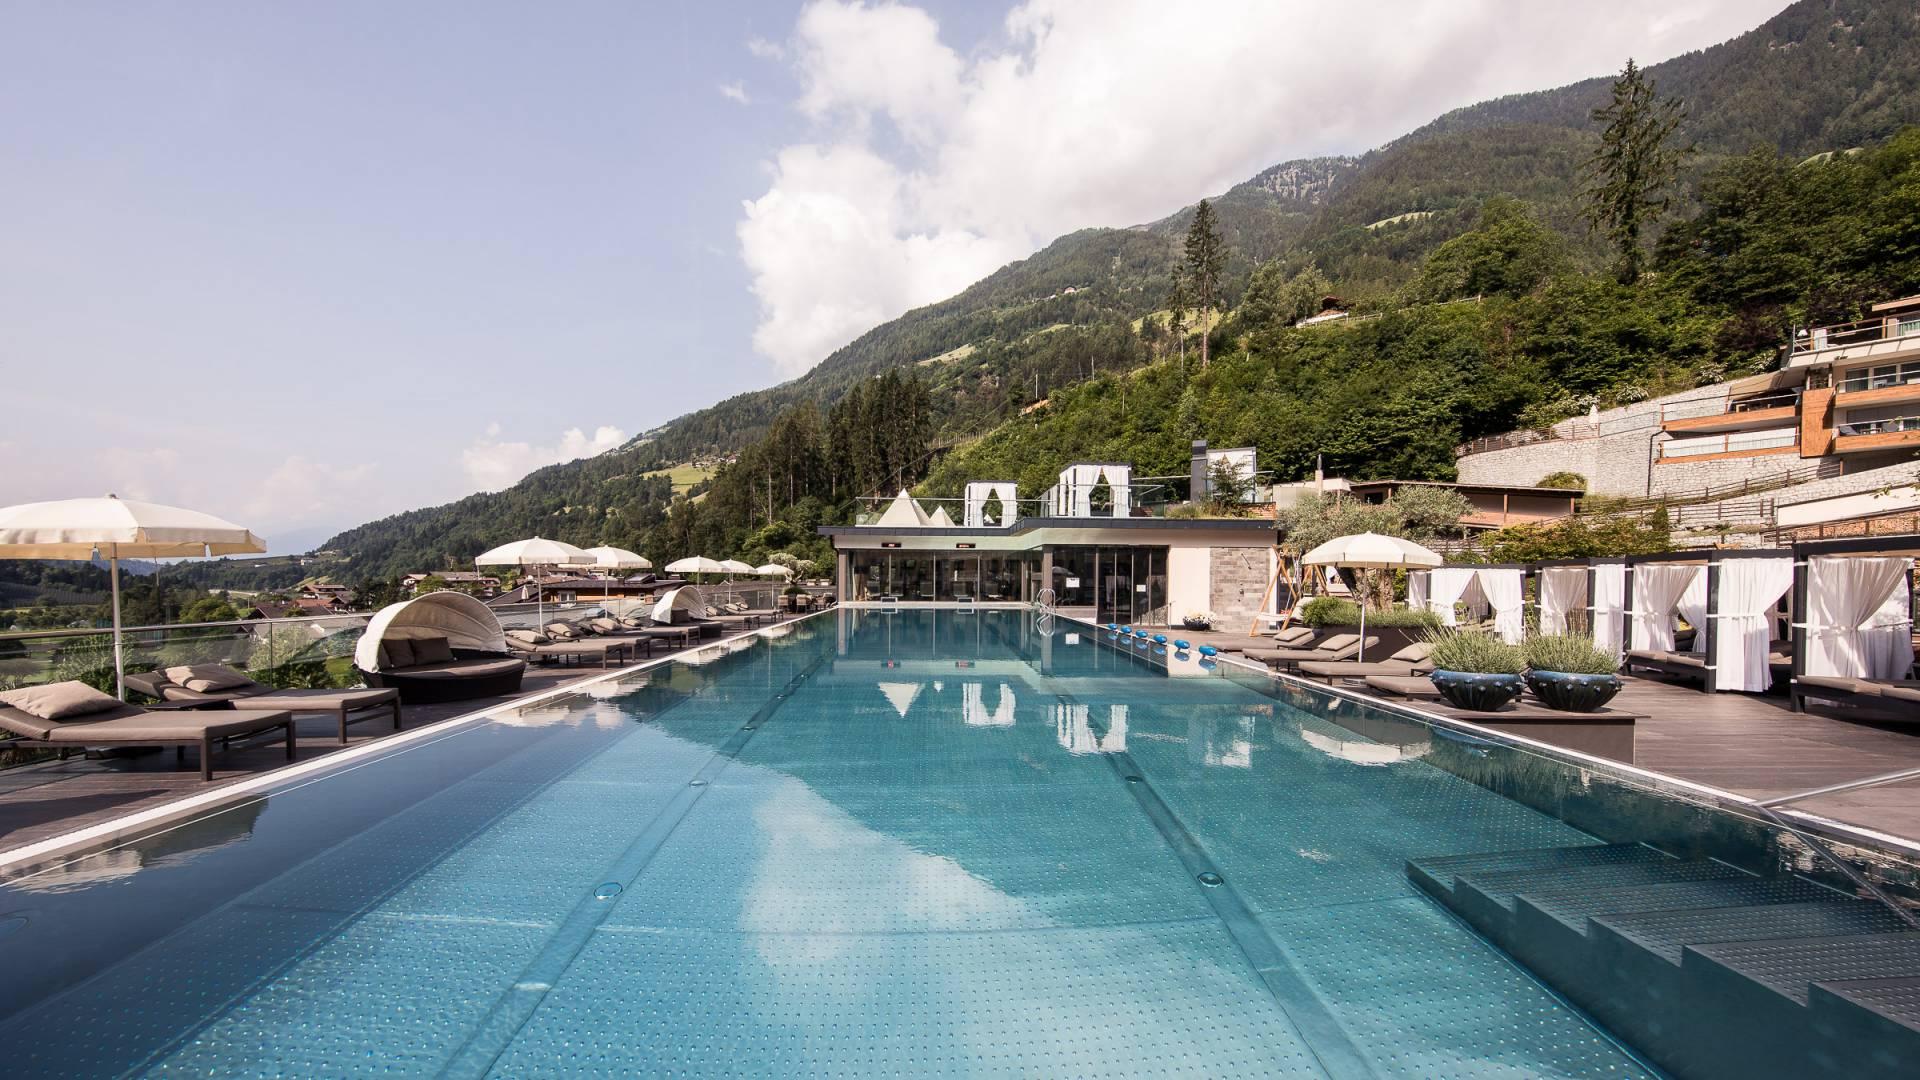 Urlaub Bei Meran 5 Sterne Hotel In Südtirol Luxushotel Südtirol 5